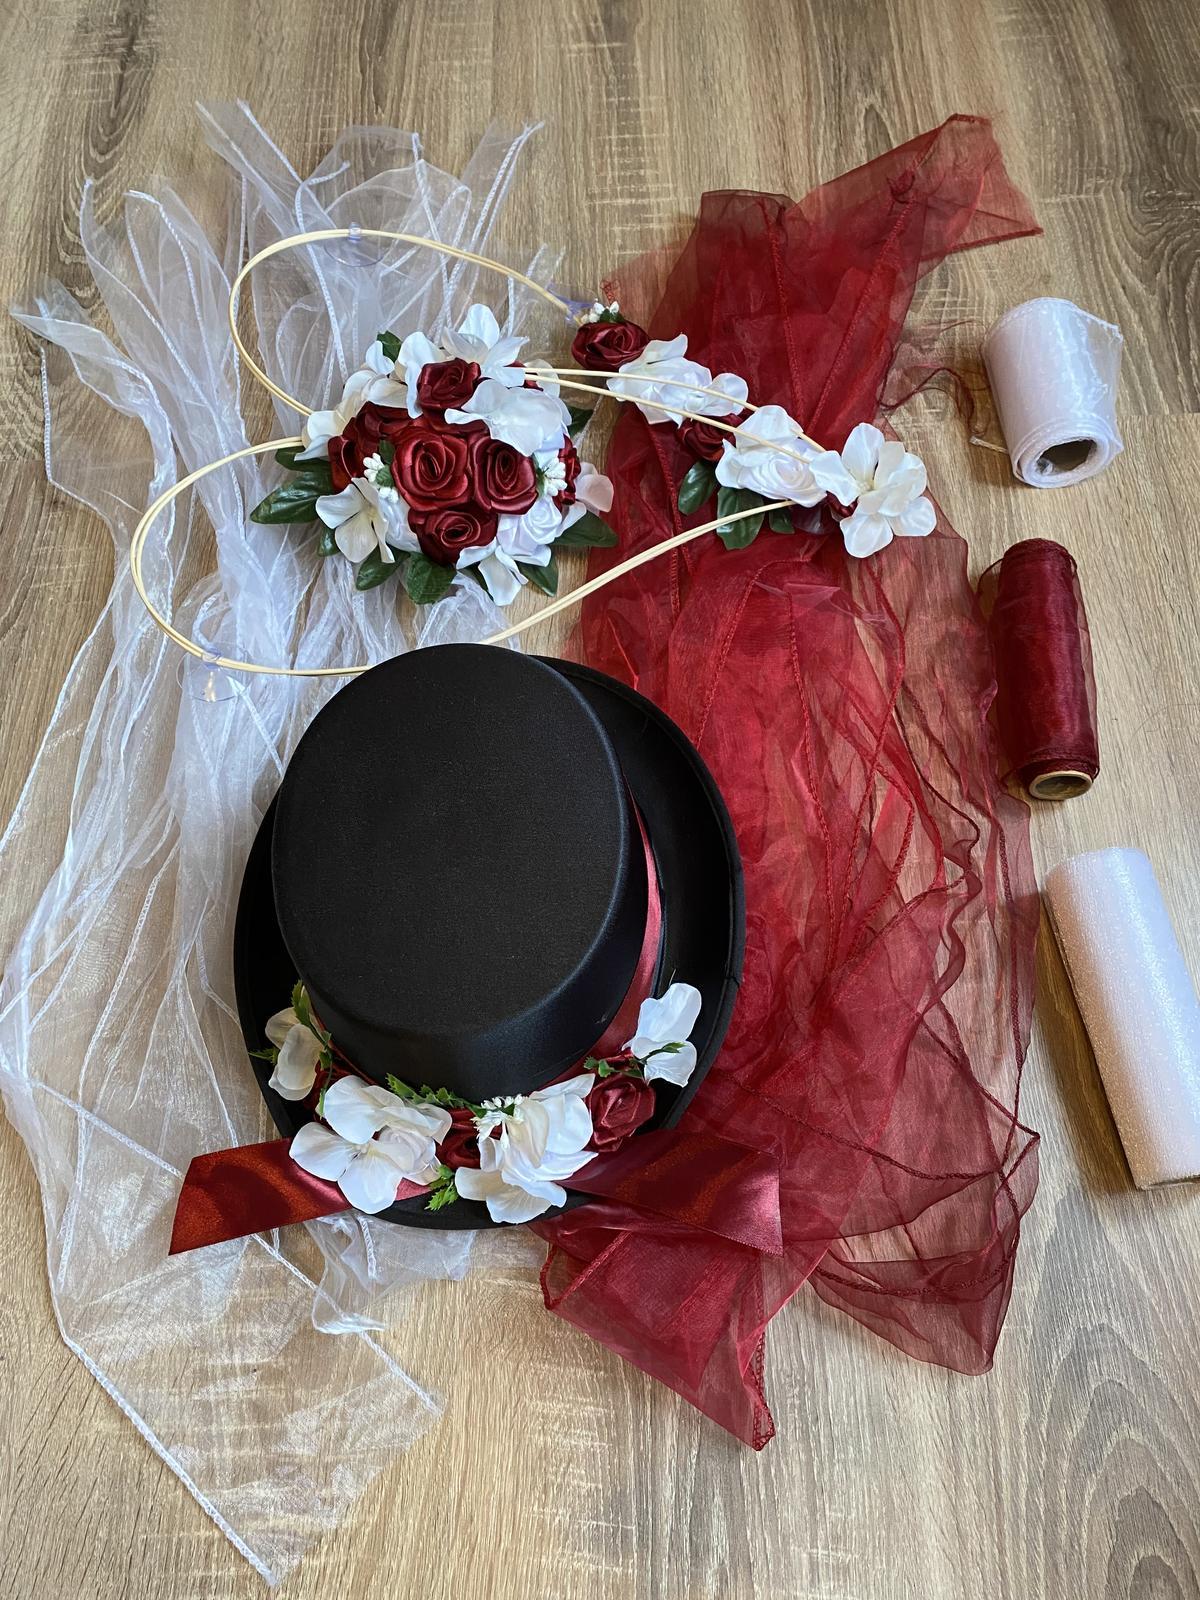 Ozdoby na auto ženicha a nevěsty - Obrázek č. 1